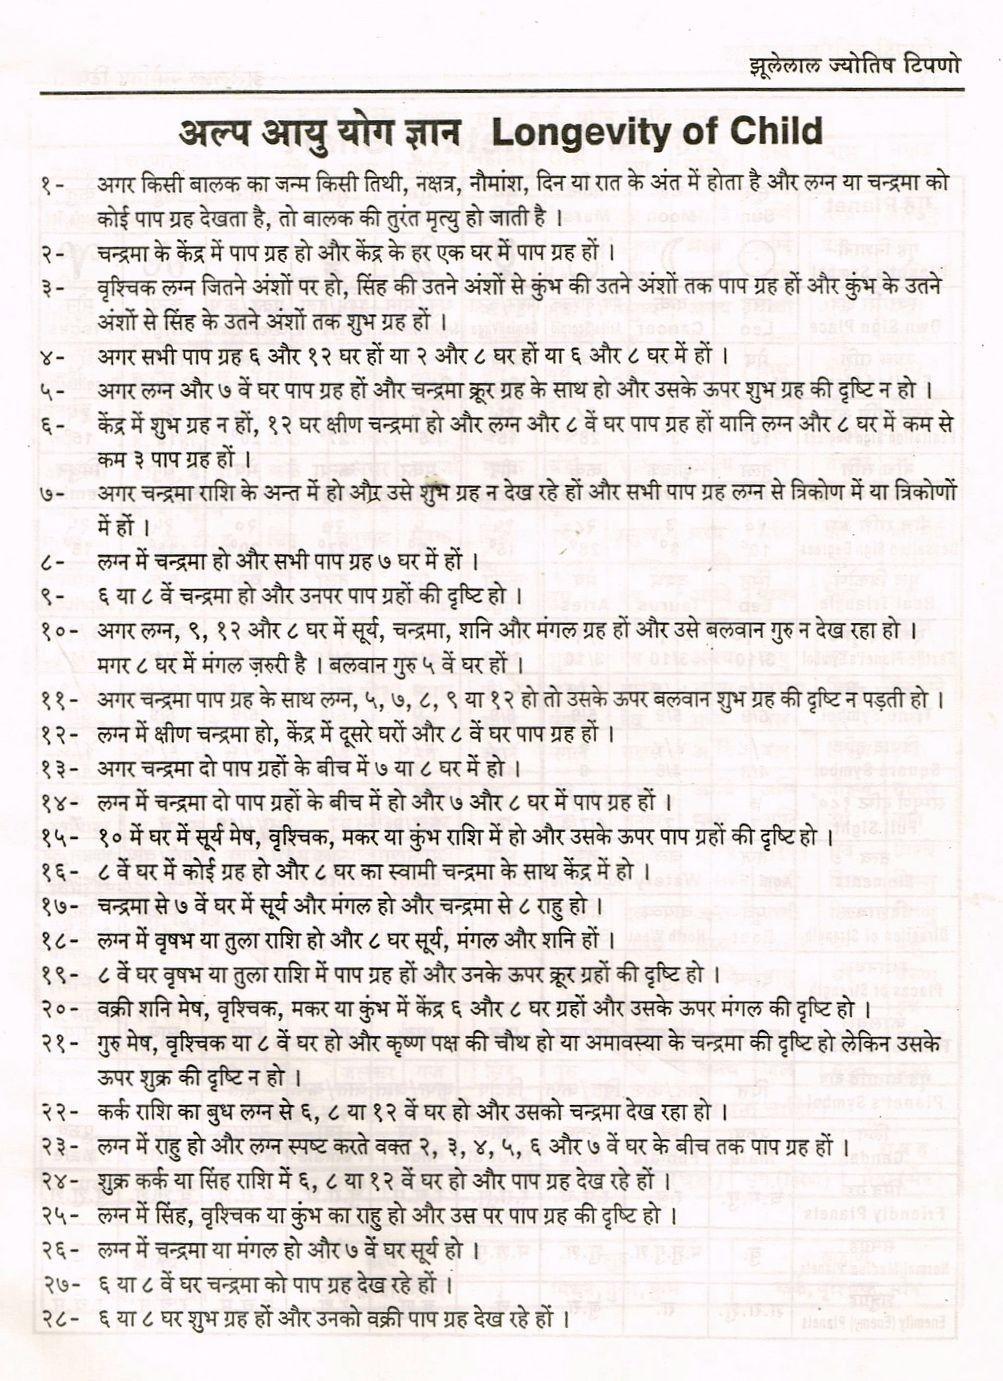 Short lifespan astrology in hindi   Jyotish astrology, Vedic ...